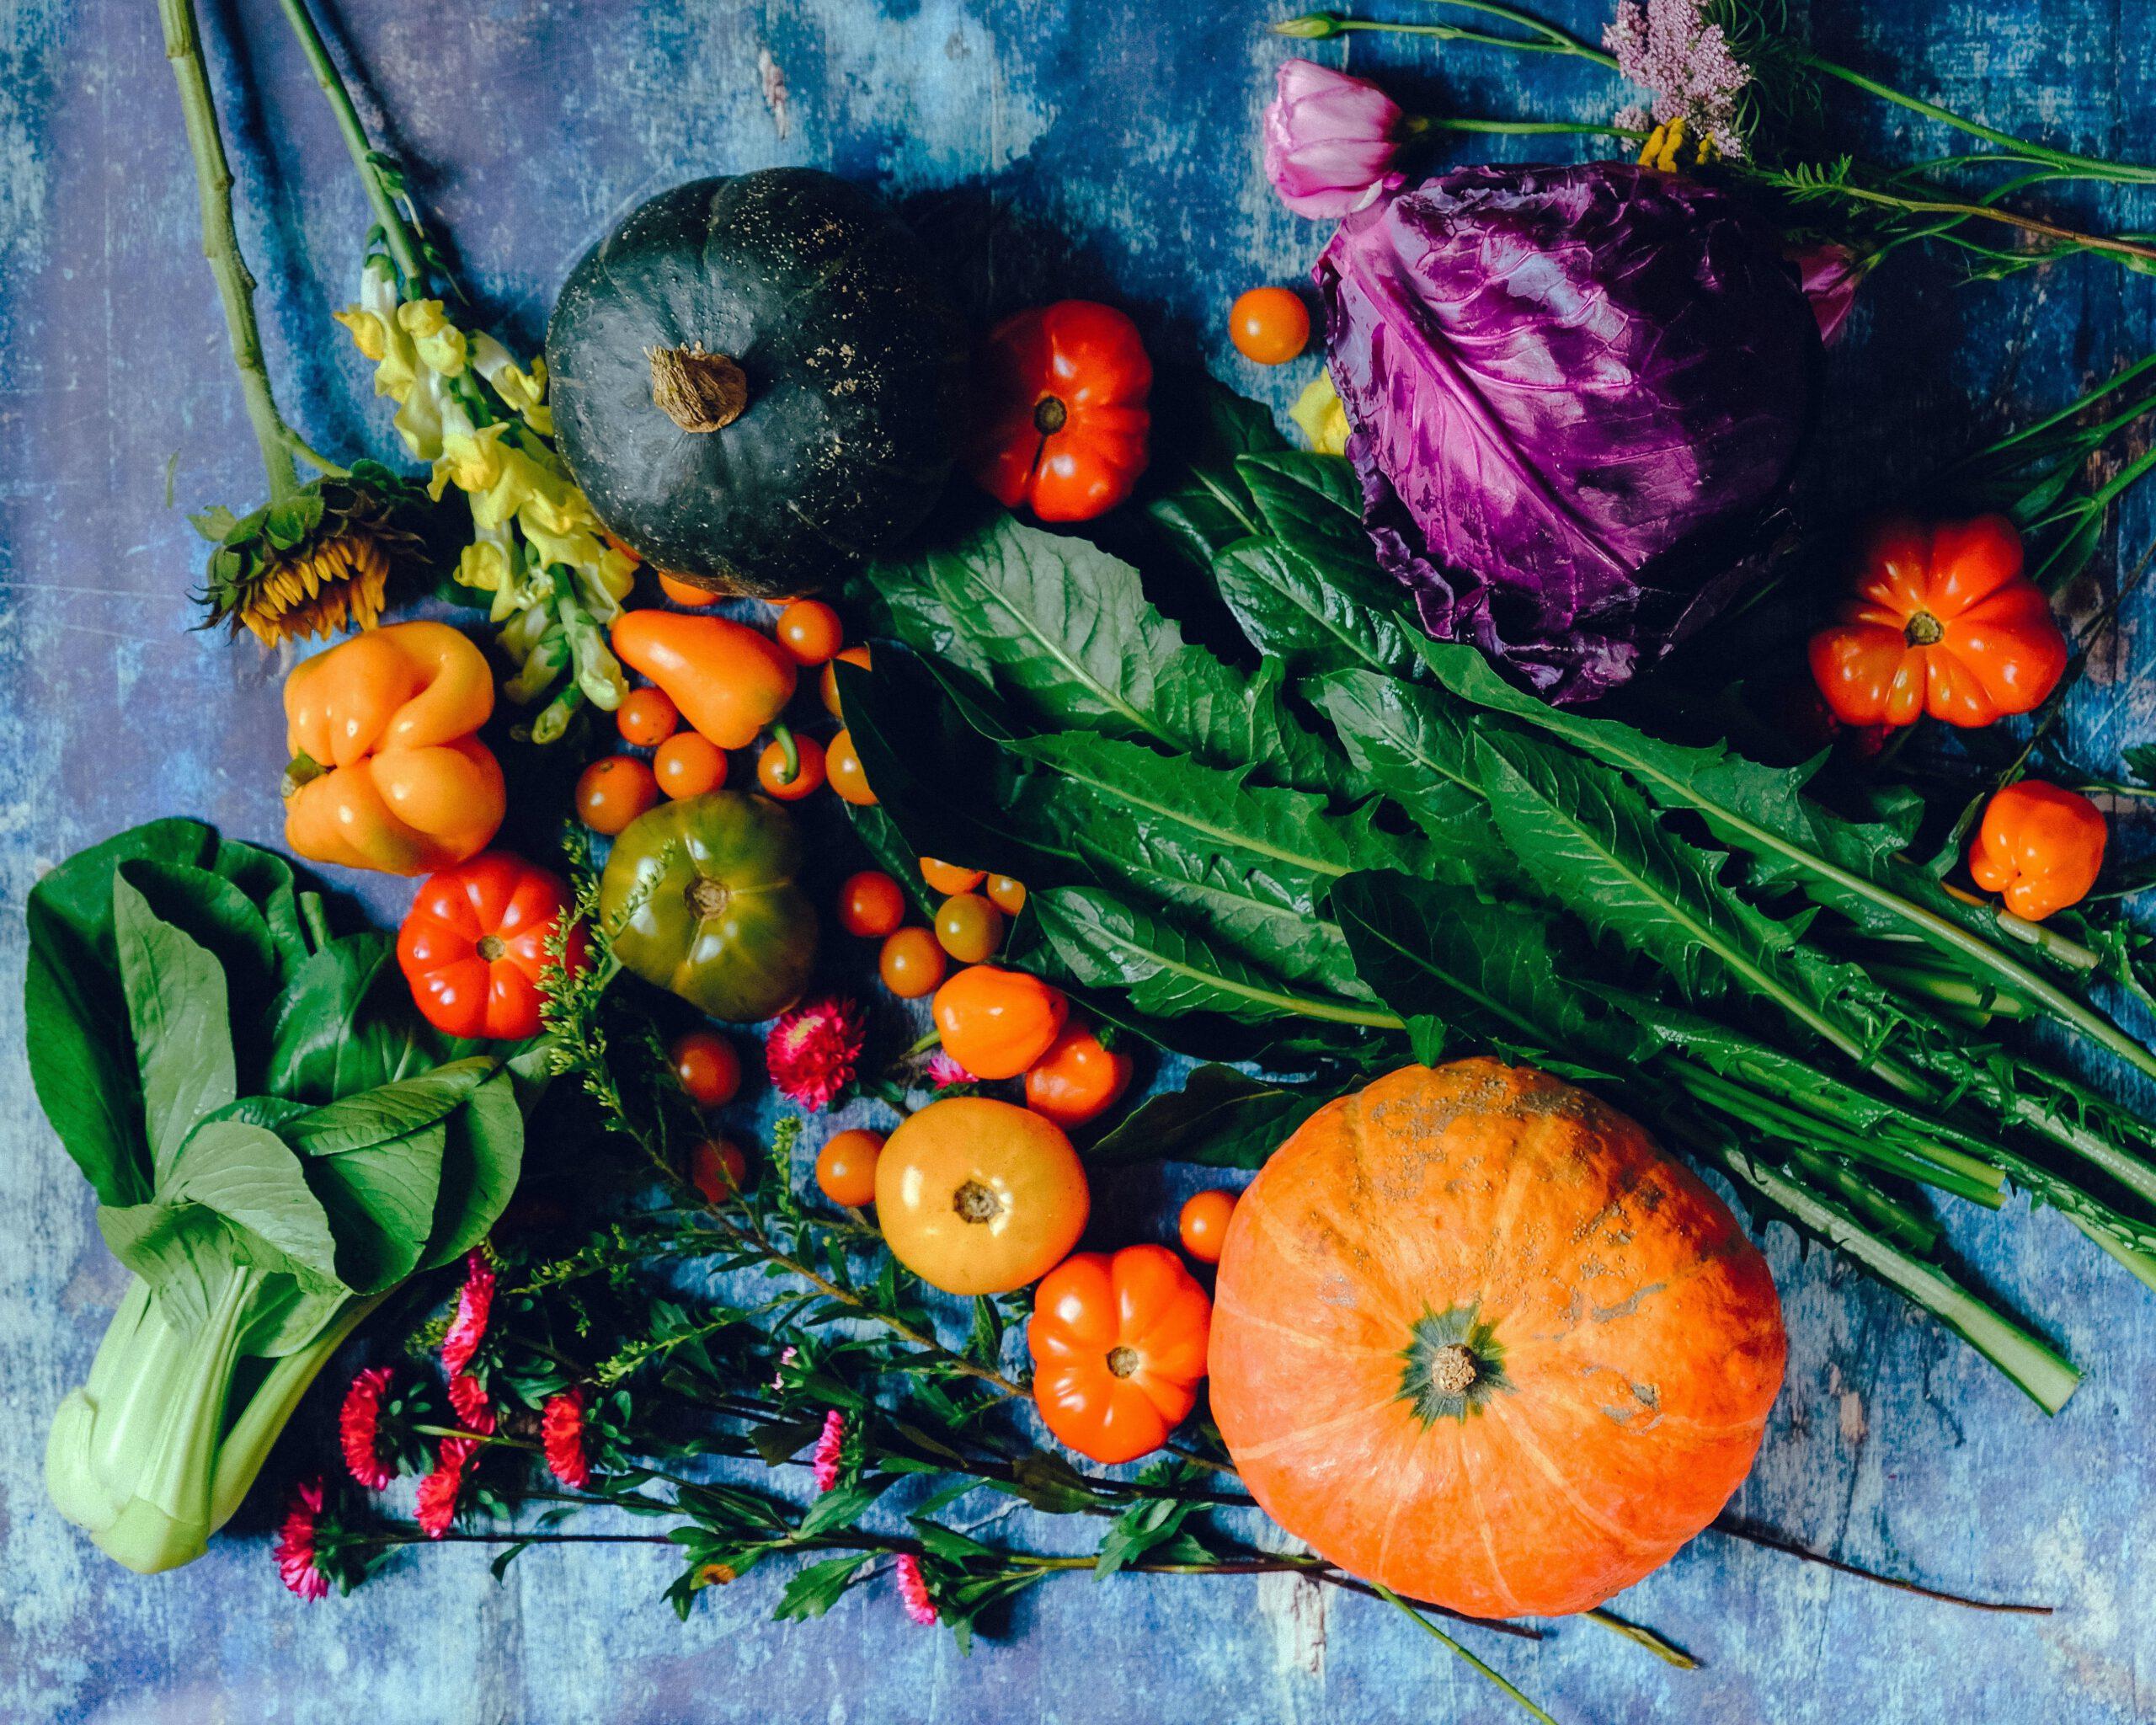 Gesunde Ernährung_Gemüse